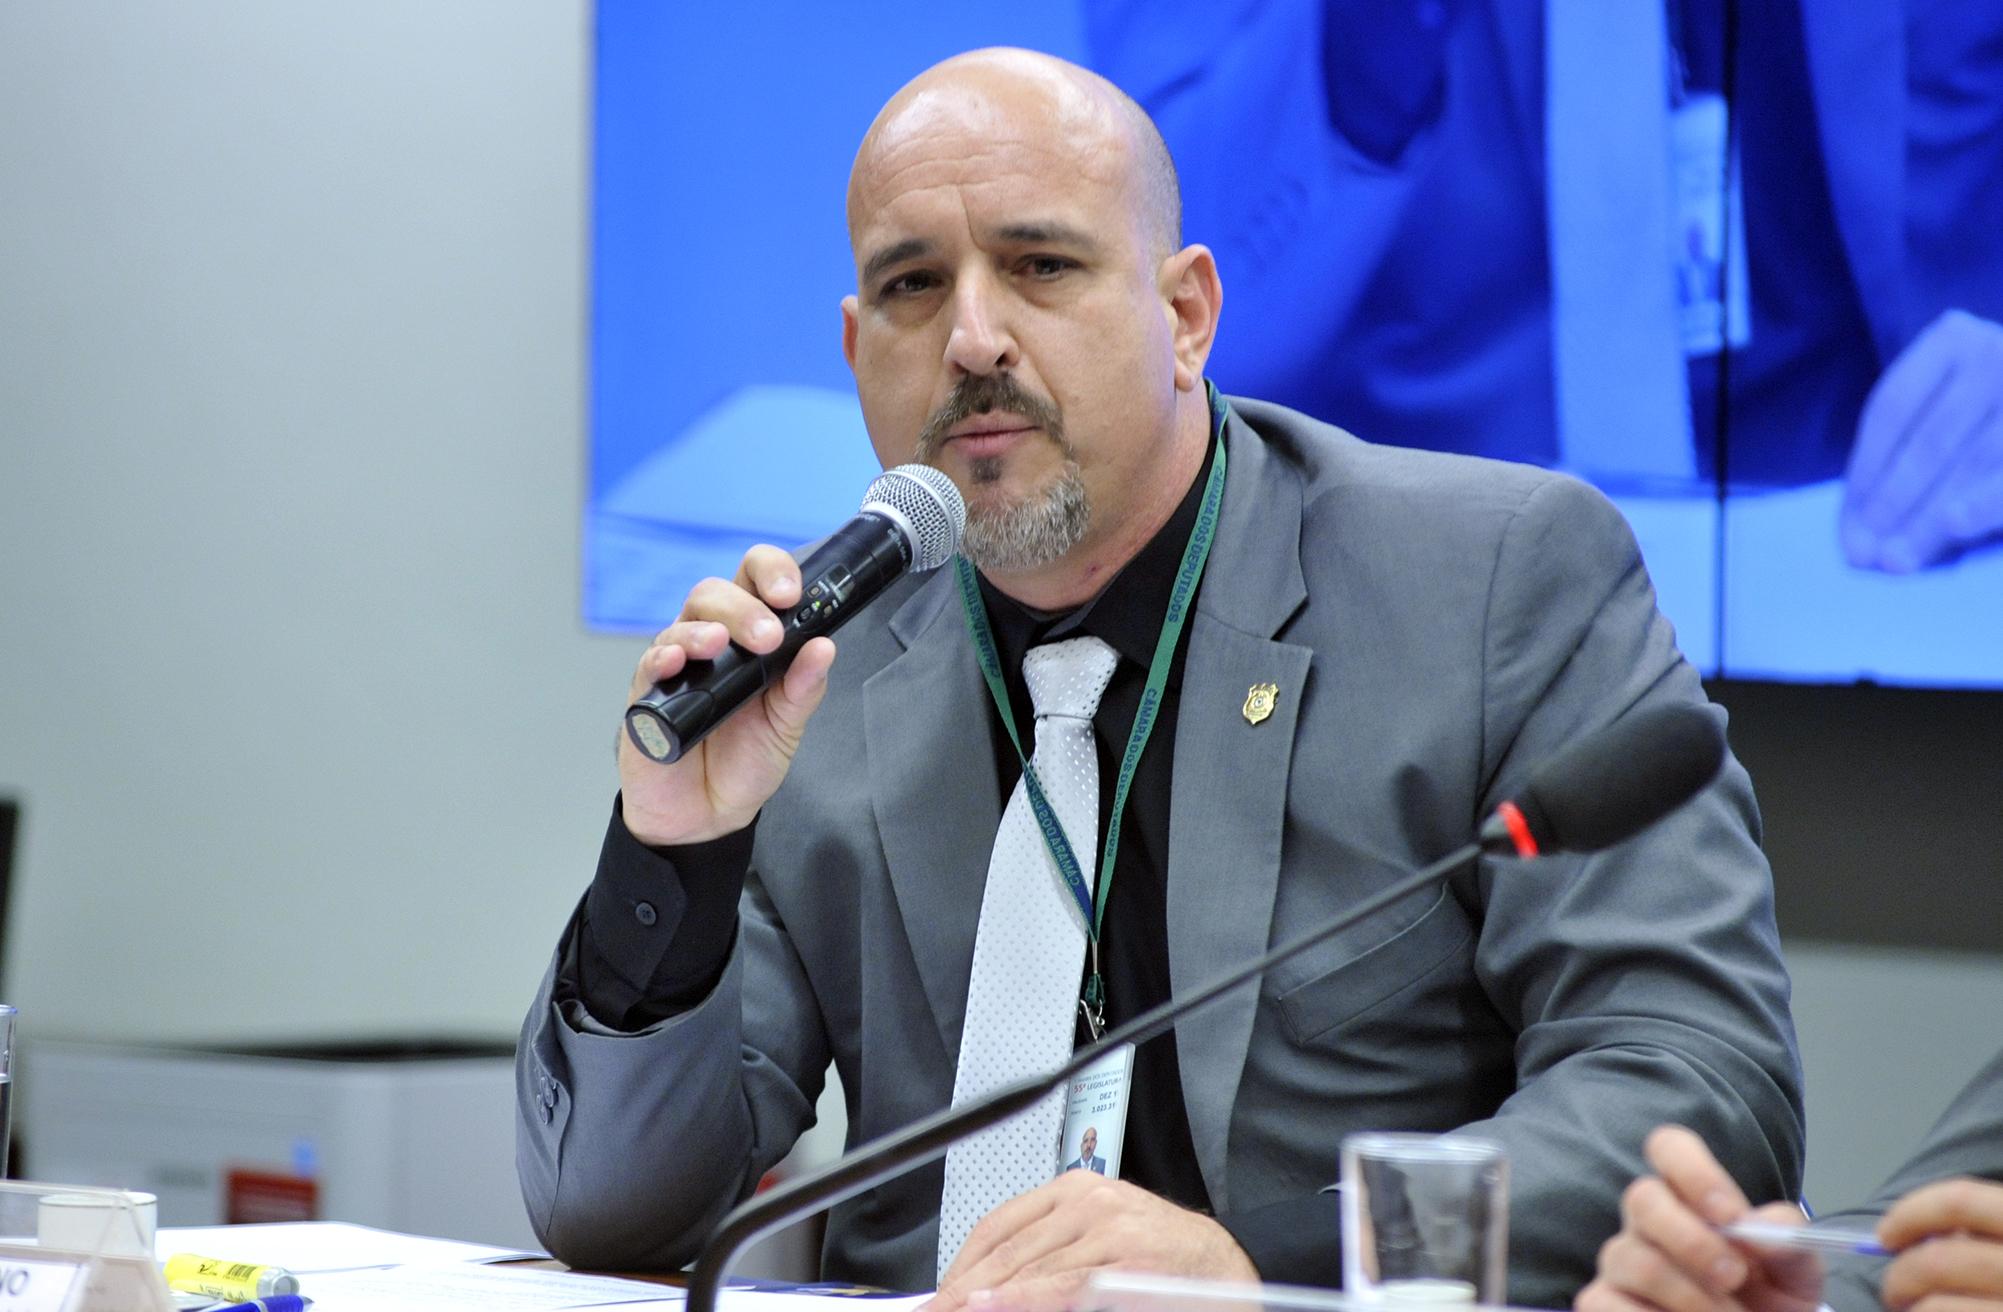 Audiência pública para debater sobre o PL 4850/16, que estabelece Medidas Contra a Corrupção. Diretor jurídico da Federação Nacional dos Policiais Rodoviários Federais (FENAPRF), Jesus Castro Caamano